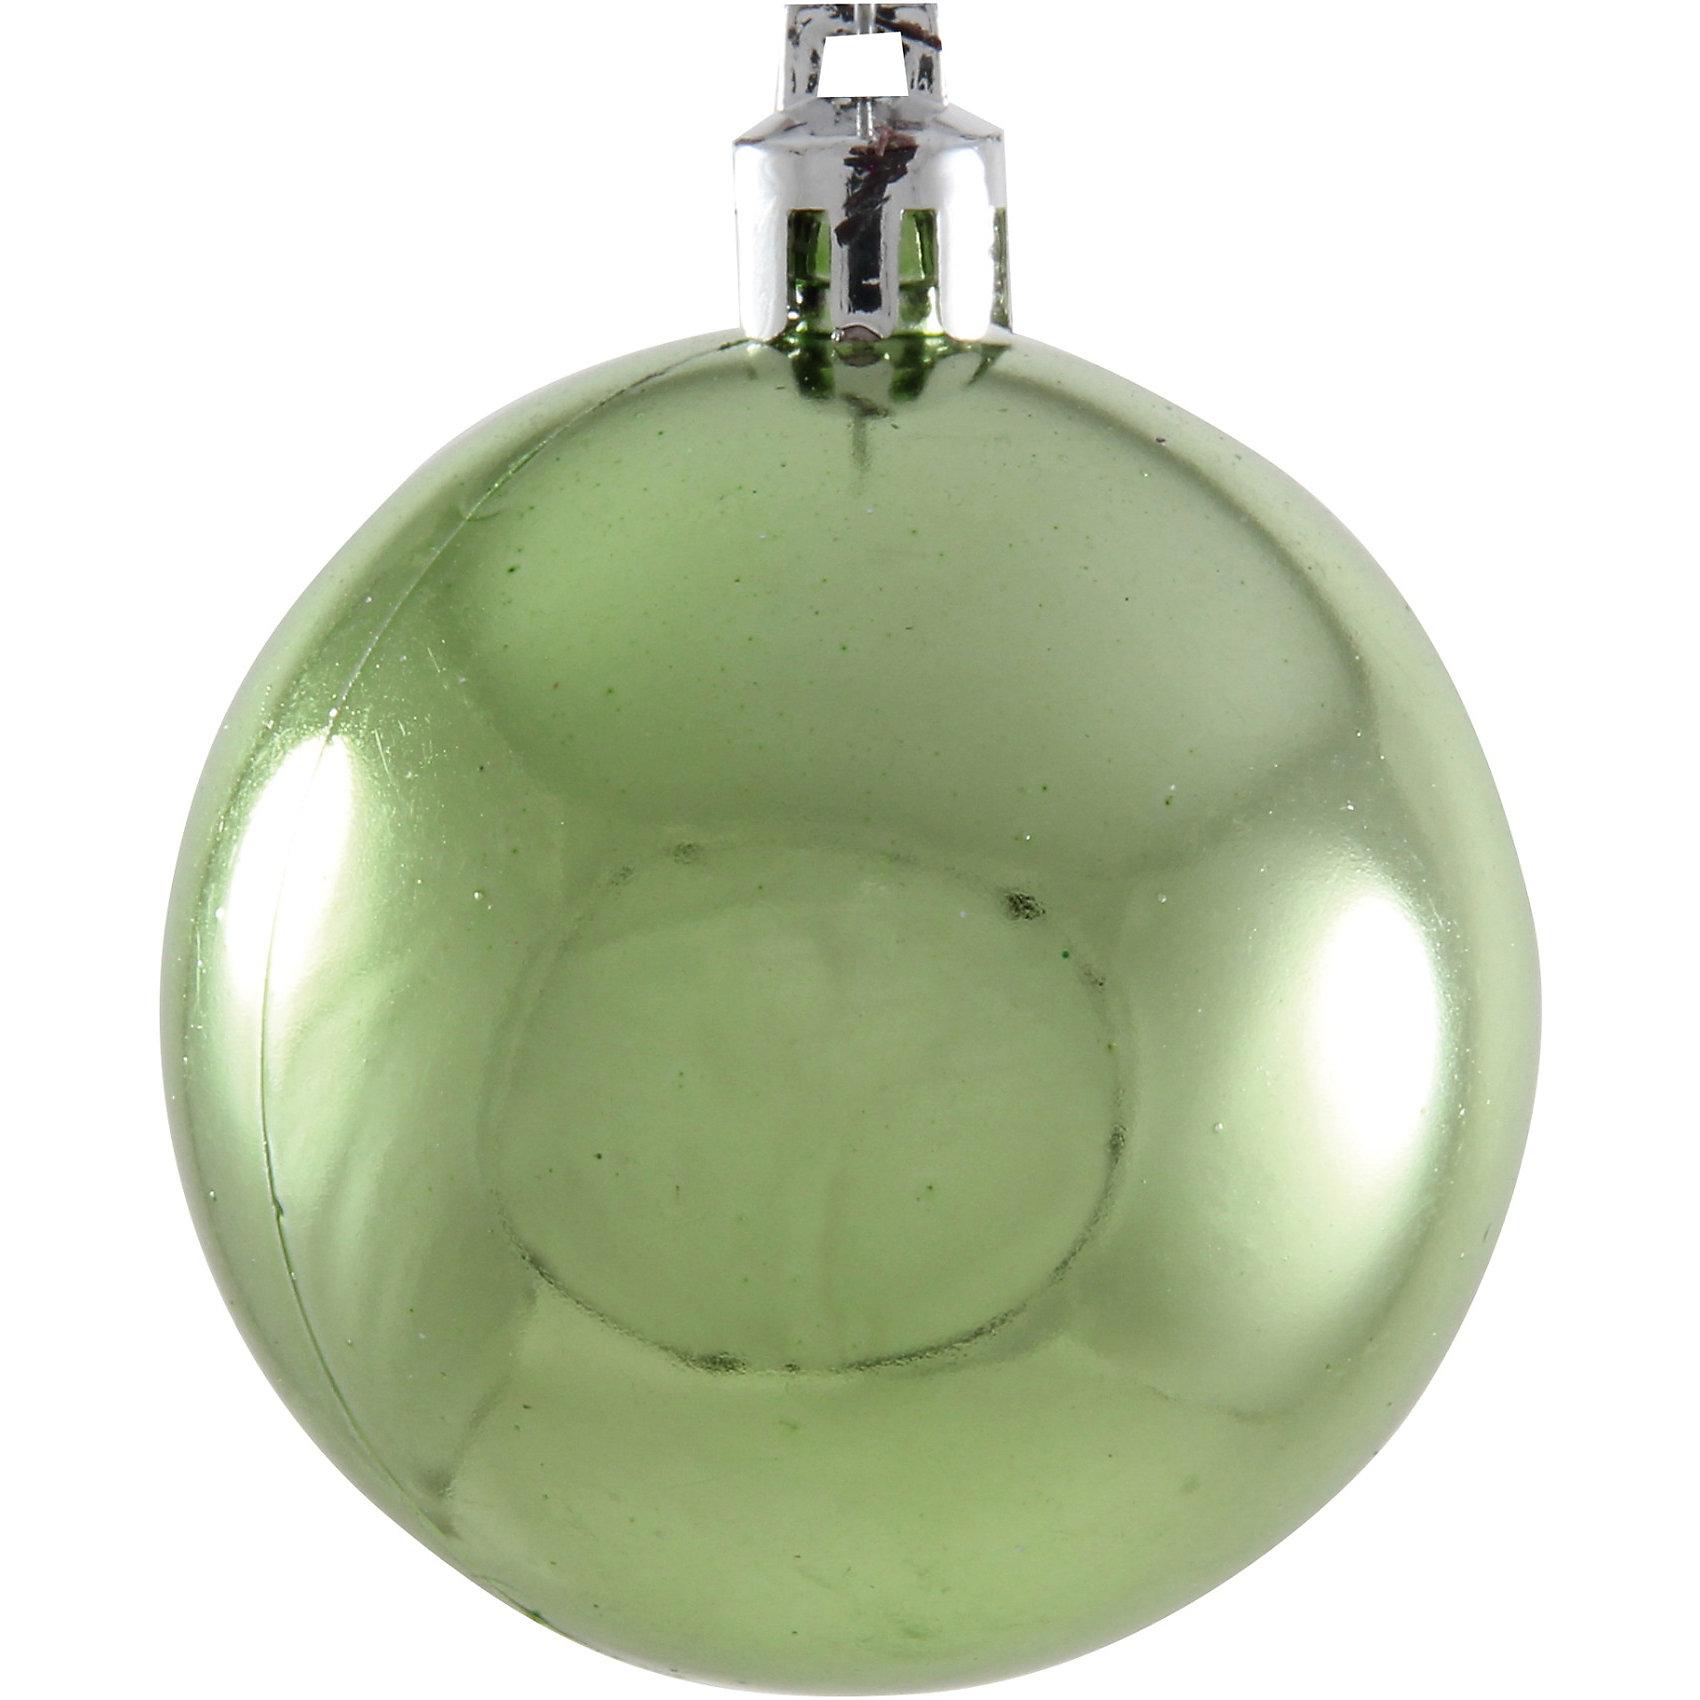 Шары в наборе, 6 см, 6 шт.Шары, Волшебная страна станут замечательным украшением для Вашей новогодней елки и помогут создать праздничную волшебную атмосферу. В комплекте шесть шаров: 4<br>прозрачных зеленых с рисунком и 2 сверкающих, они будут чудесно смотреться на елке и радовать детей и взрослых. Шары упакованы в прозрачную коробочку из ПВХ.<br><br>Дополнительная информация:<br><br>- Цвет: золотой/зеленый.<br>- В комплекте: 6 шт.<br>- Диаметр шара: 6 см.<br>- Размер упаковки: 17,5 x 6 x 11,5 см.<br>- Вес: 95 гр.<br><br>Шары в наборе, Волшебная страна можно купить в нашем интернет-магазине.<br><br>Ширина мм: 370<br>Глубина мм: 120<br>Высота мм: 60<br>Вес г: 95<br>Возраст от месяцев: 60<br>Возраст до месяцев: 180<br>Пол: Унисекс<br>Возраст: Детский<br>SKU: 3791397